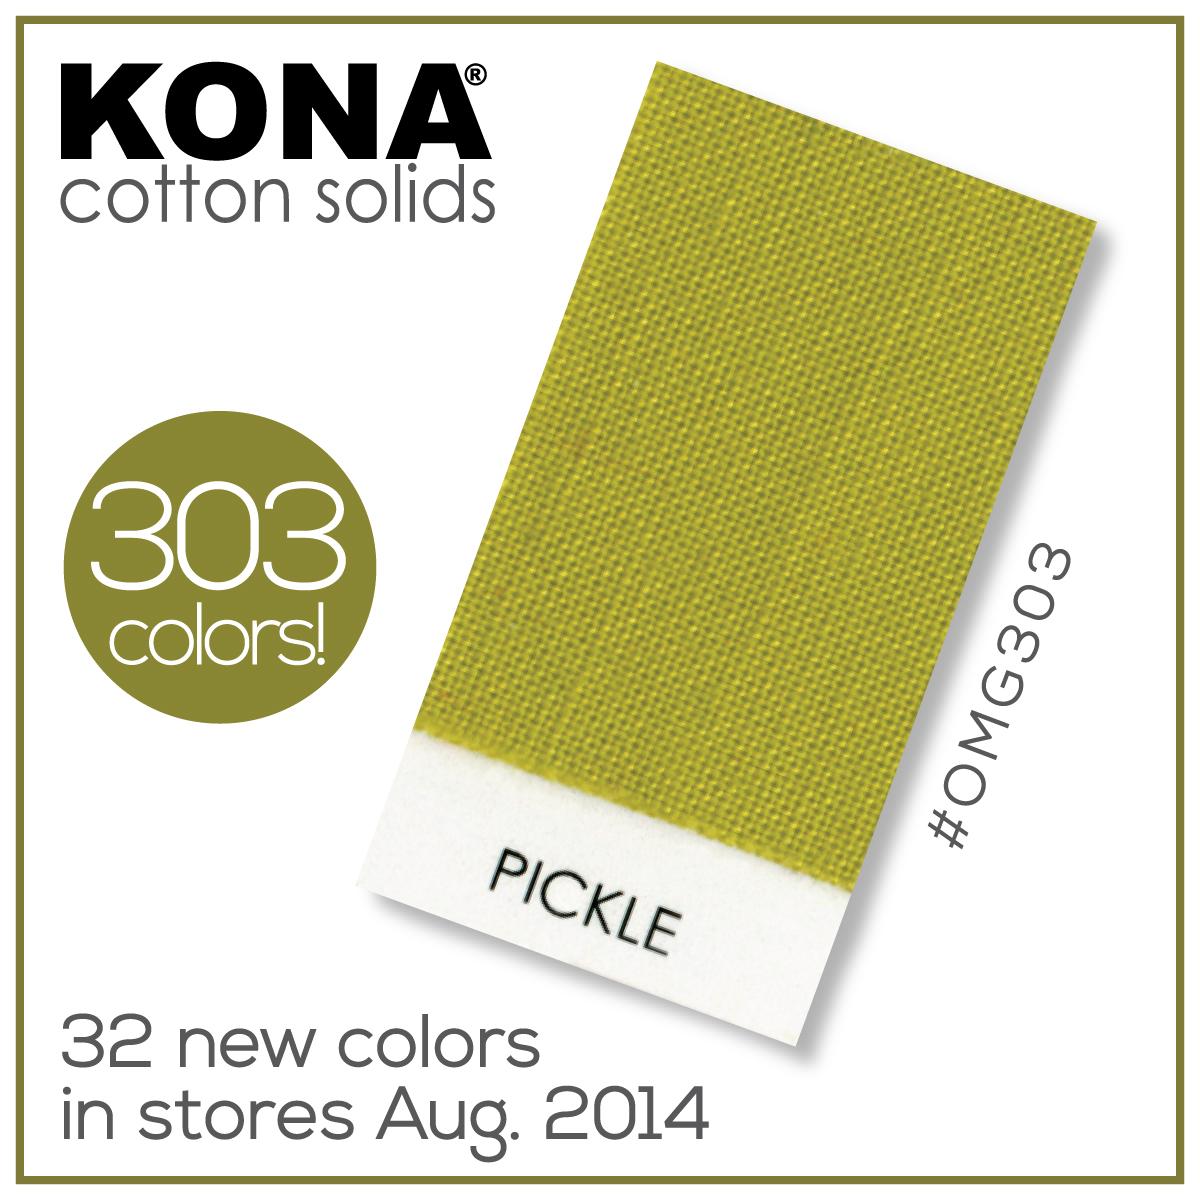 Kona-Pickle.jpg